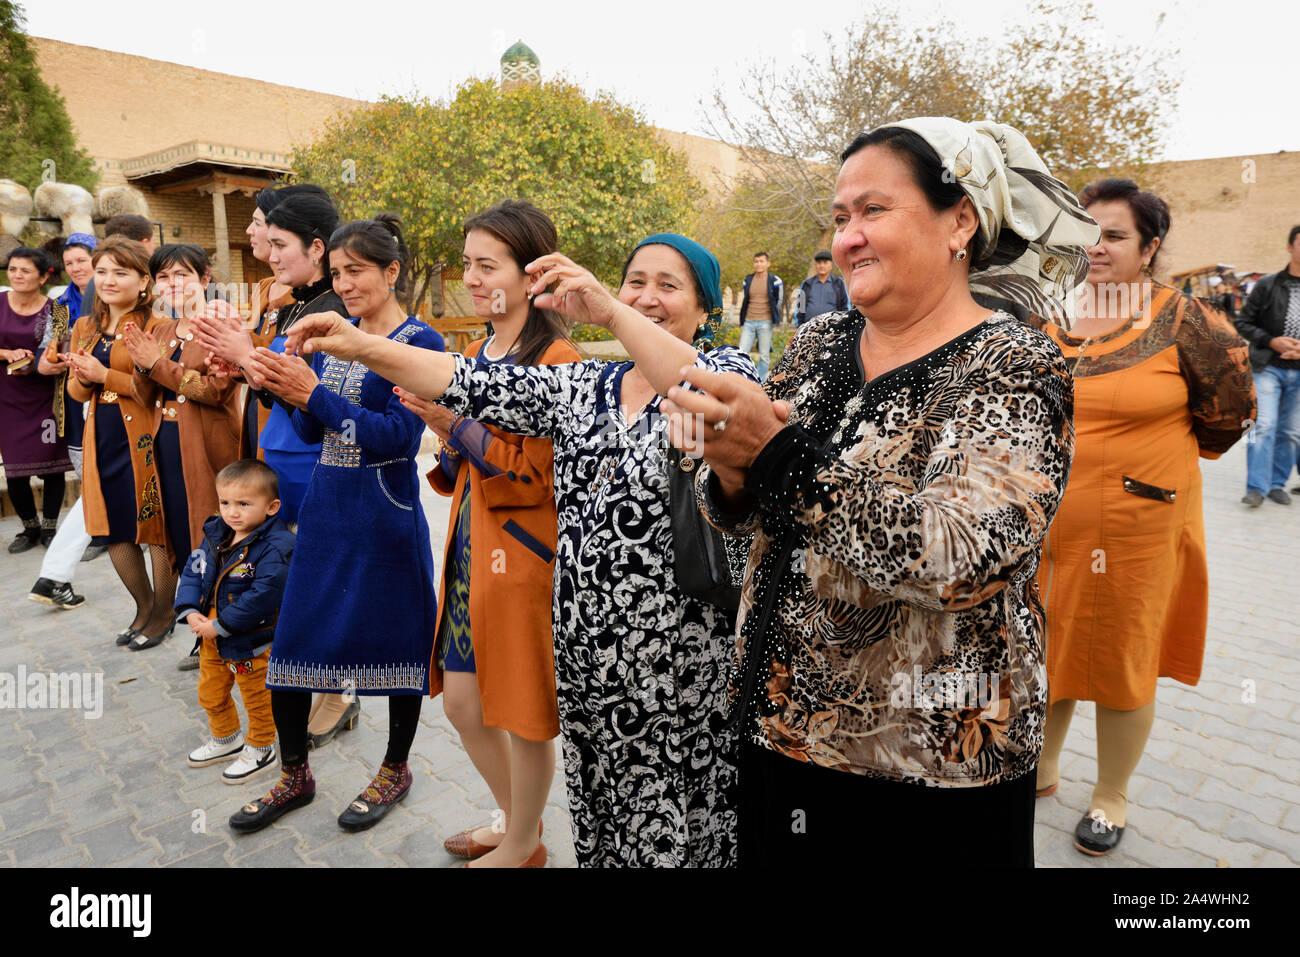 Los huéspedes de baile durante una boda en la calle principal del casco antiguo de la ciudad de Khiva, un sitio muy popular para todas las festividades en la ciudad. Uzbekistán Foto de stock